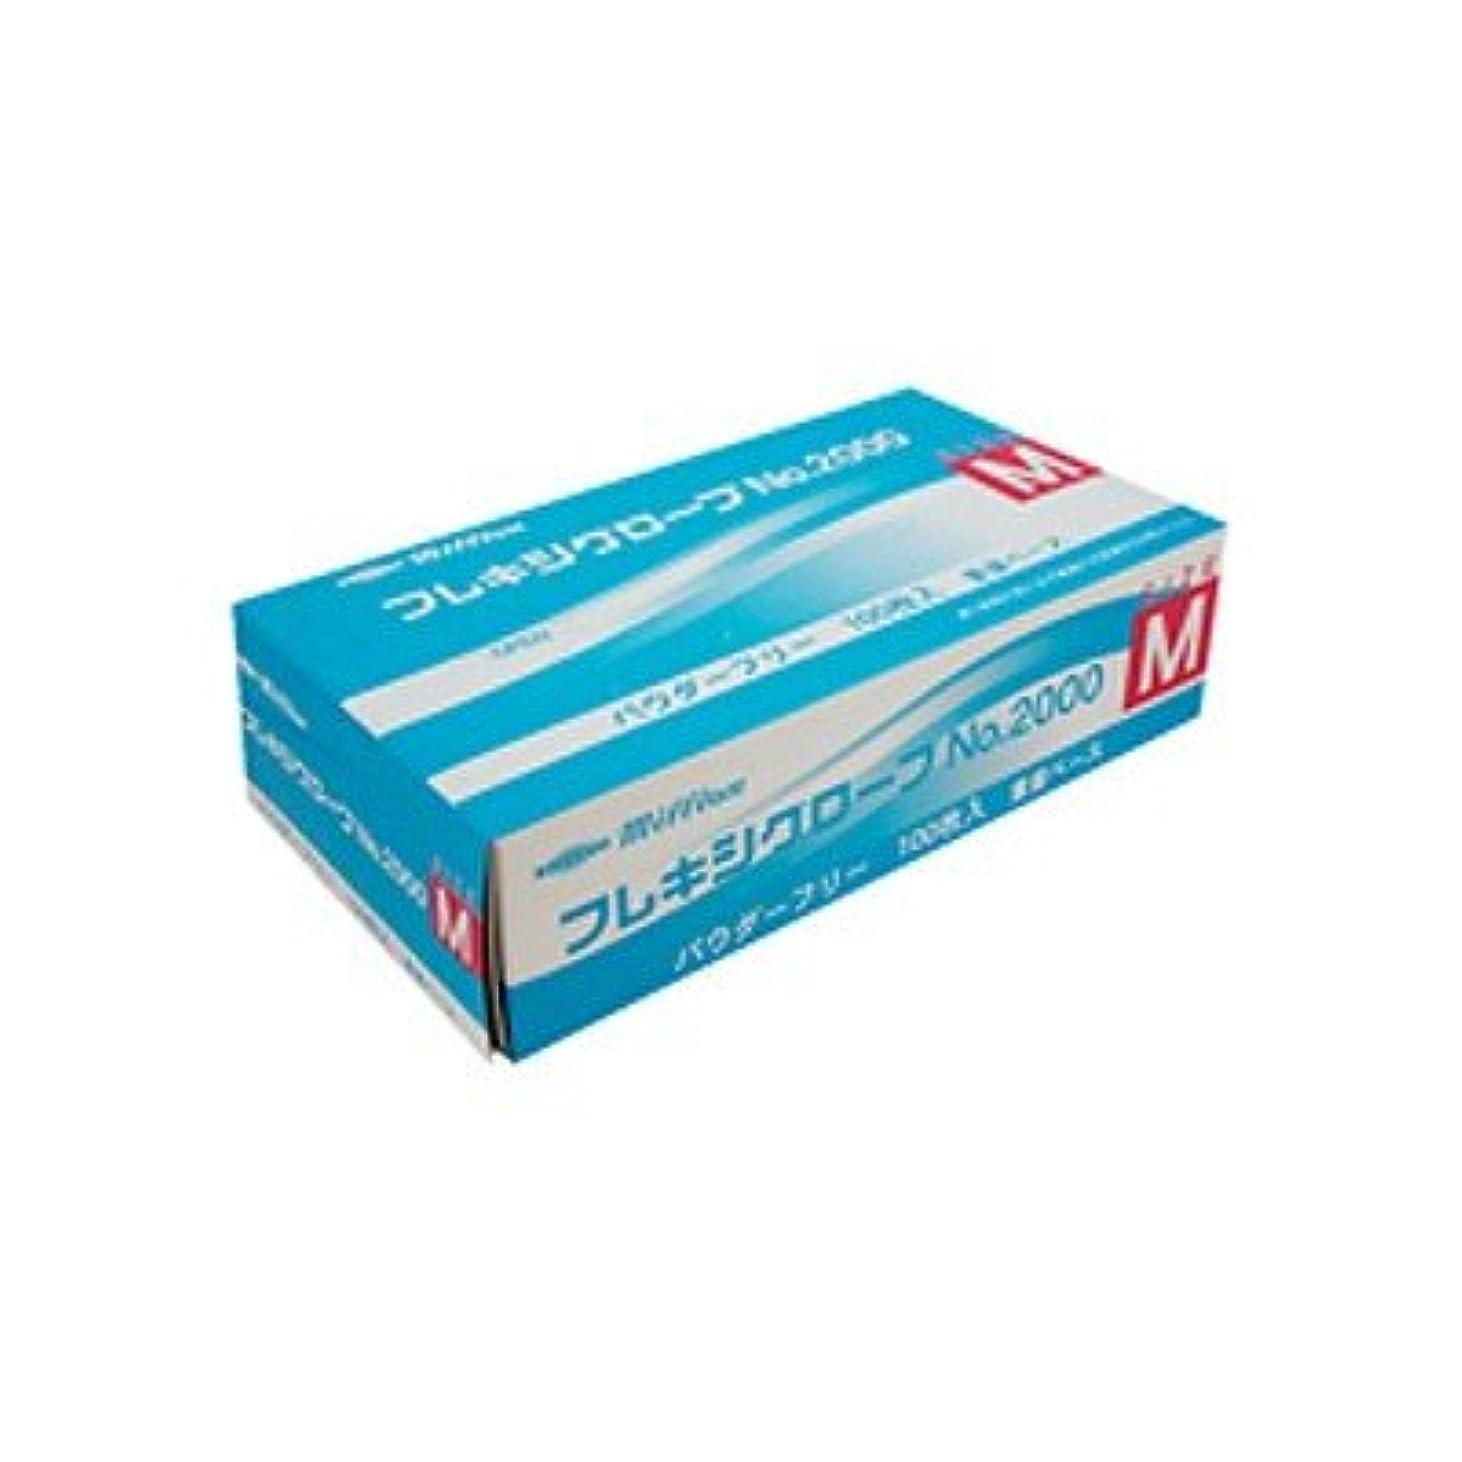 眠いですピラミッド本当のことを言うとミリオン プラスチック手袋 粉無No.2000 M 品番:LH-2000-M 注文番号:62741637 メーカー:共和